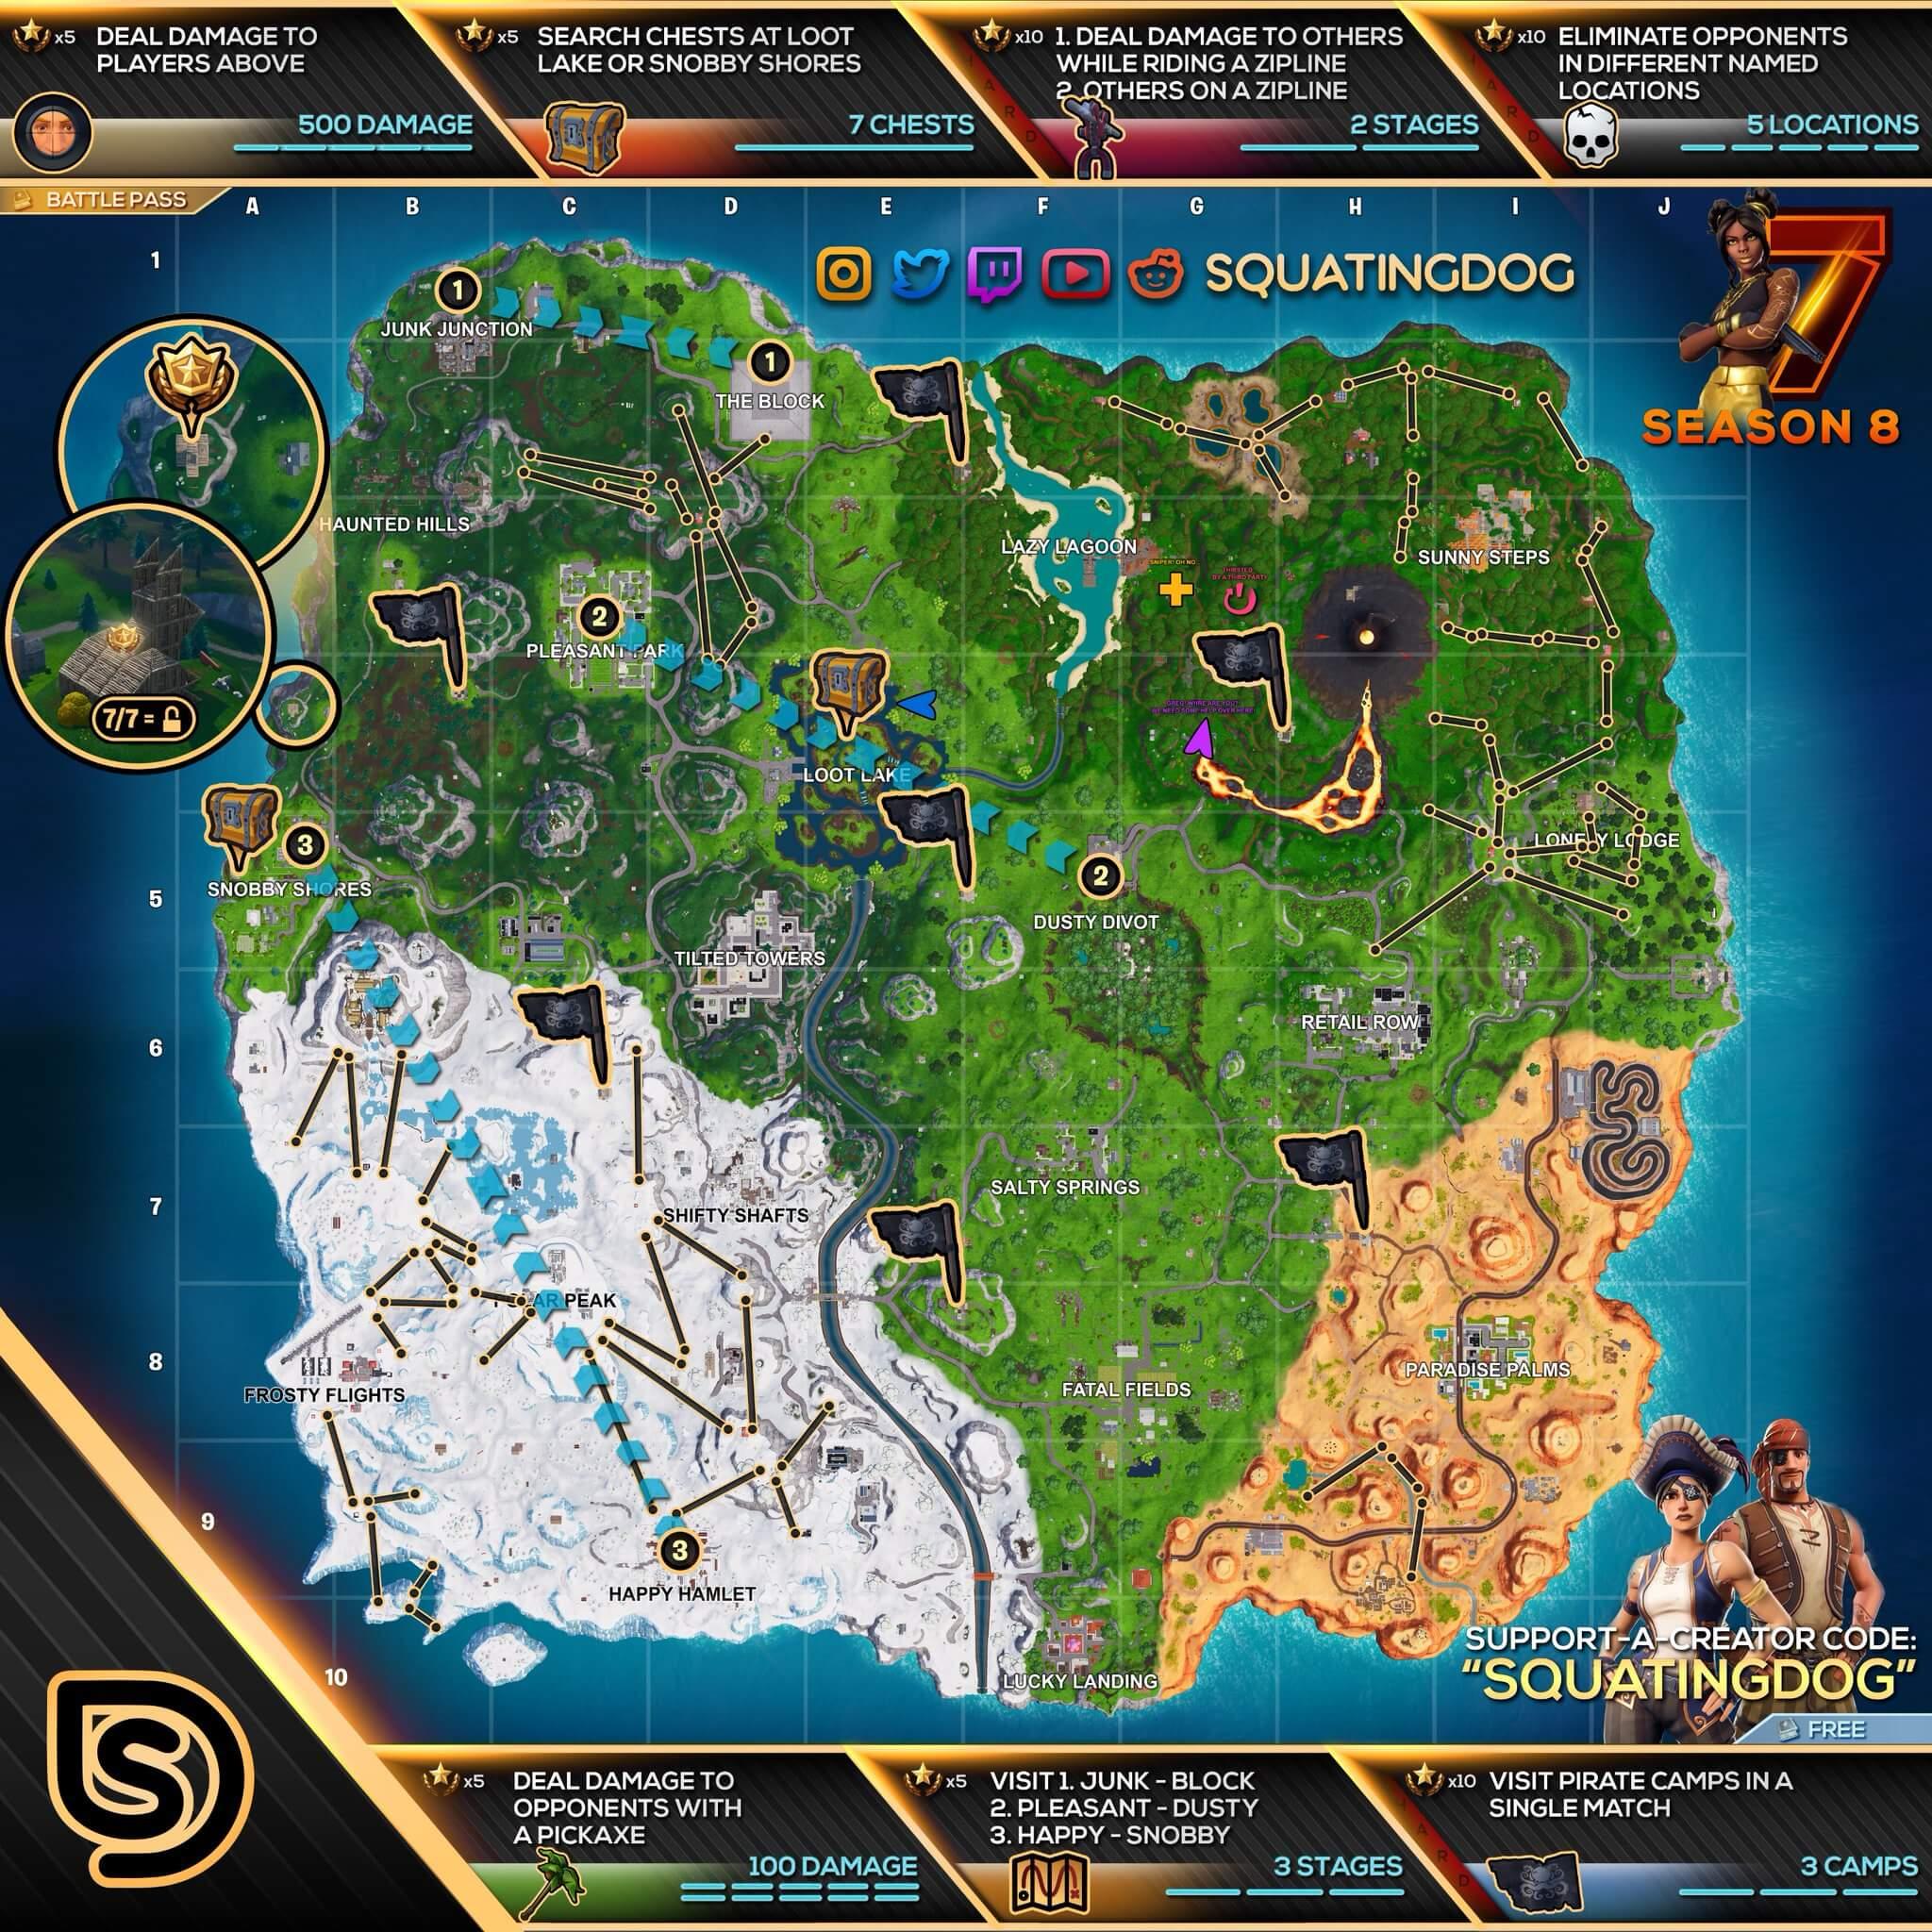 Fortnite Mapa semana 7 de la temporada 8